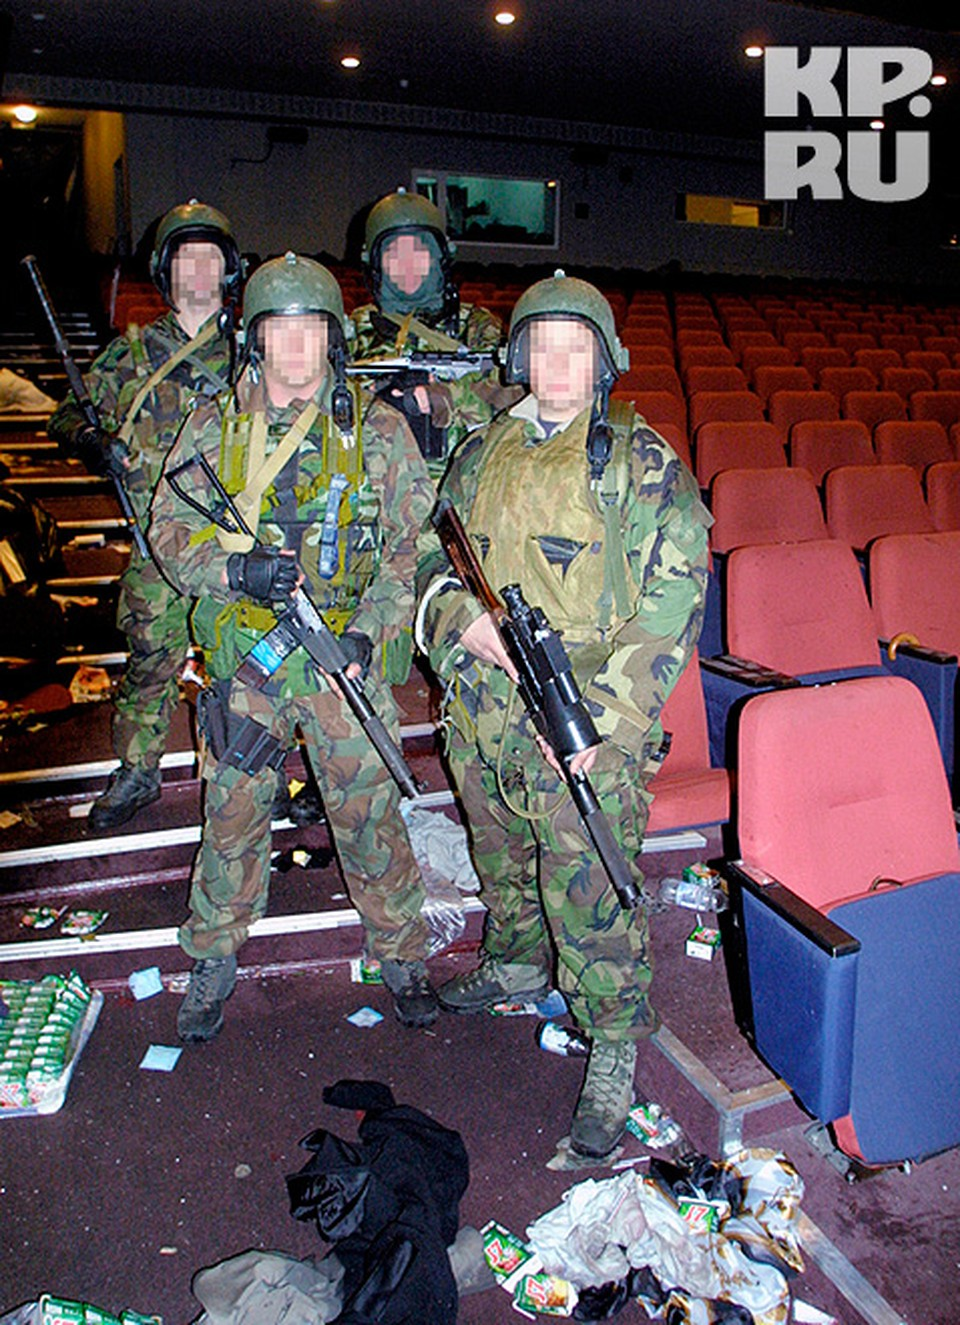 Бойцы спецназа сразу после штурма. 26 октября 2002 г.